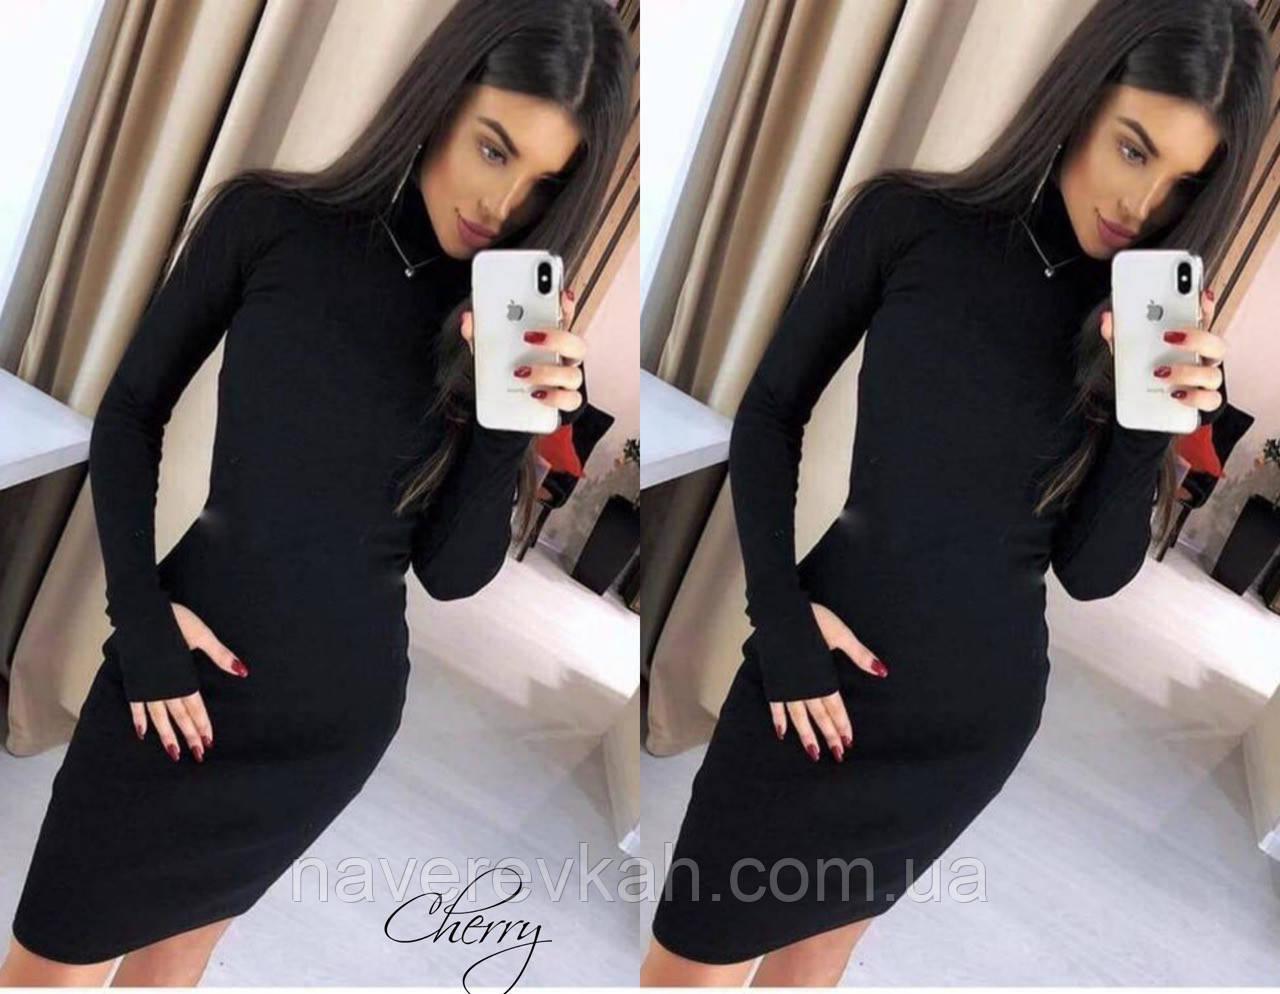 Женское осеннее платье гольф джерси черное красное бордовое 42-46